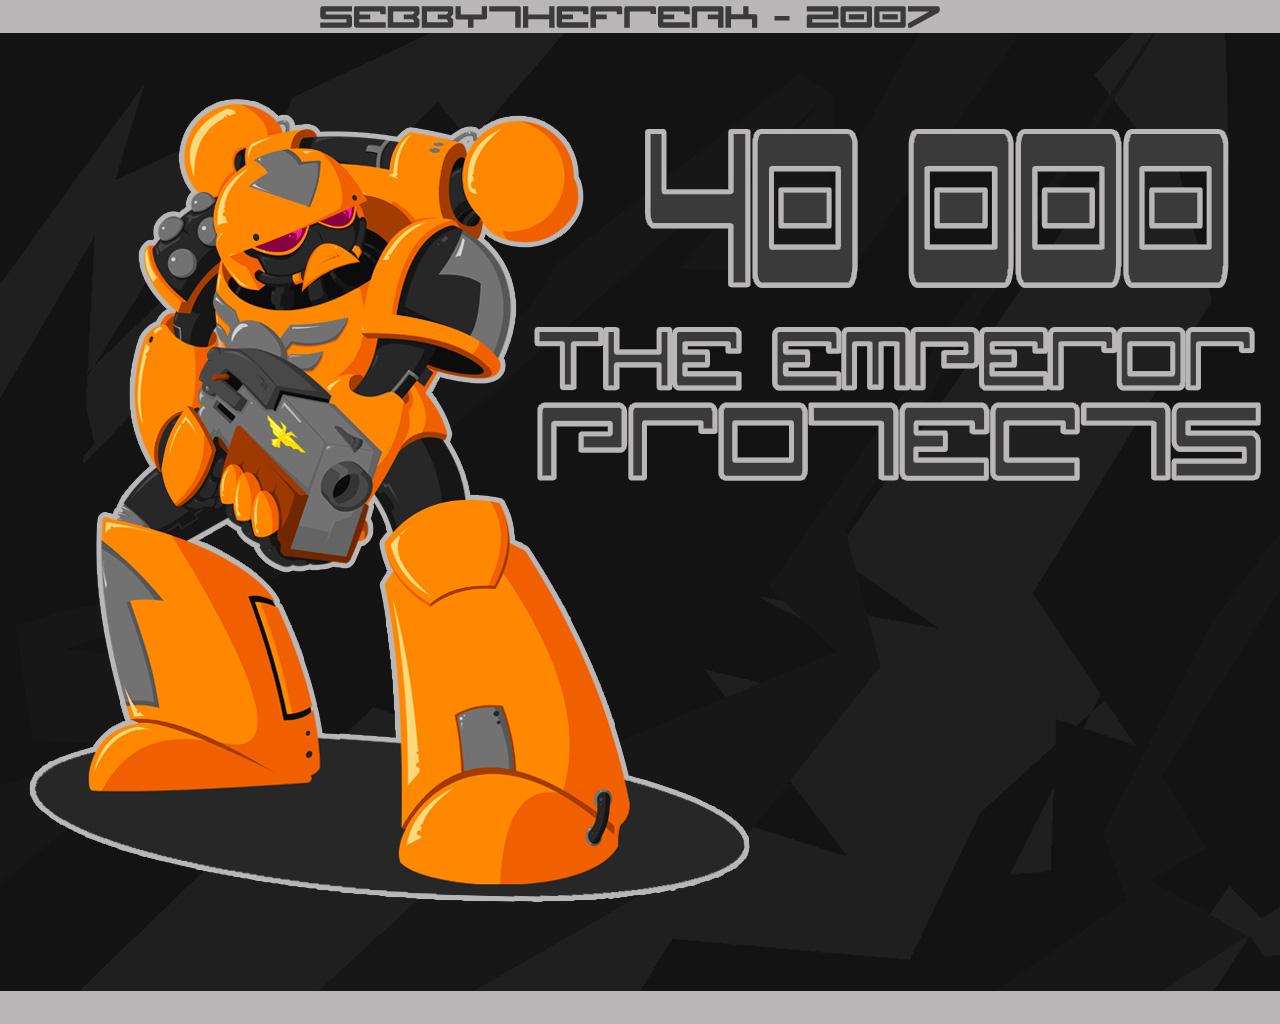 http://3.bp.blogspot.com/-nq3uqTbooi8/TYv1aXHQhQI/AAAAAAAABDo/WG-fE1zhis4/s1600/Robot_cartoon_wallpaper.jpg